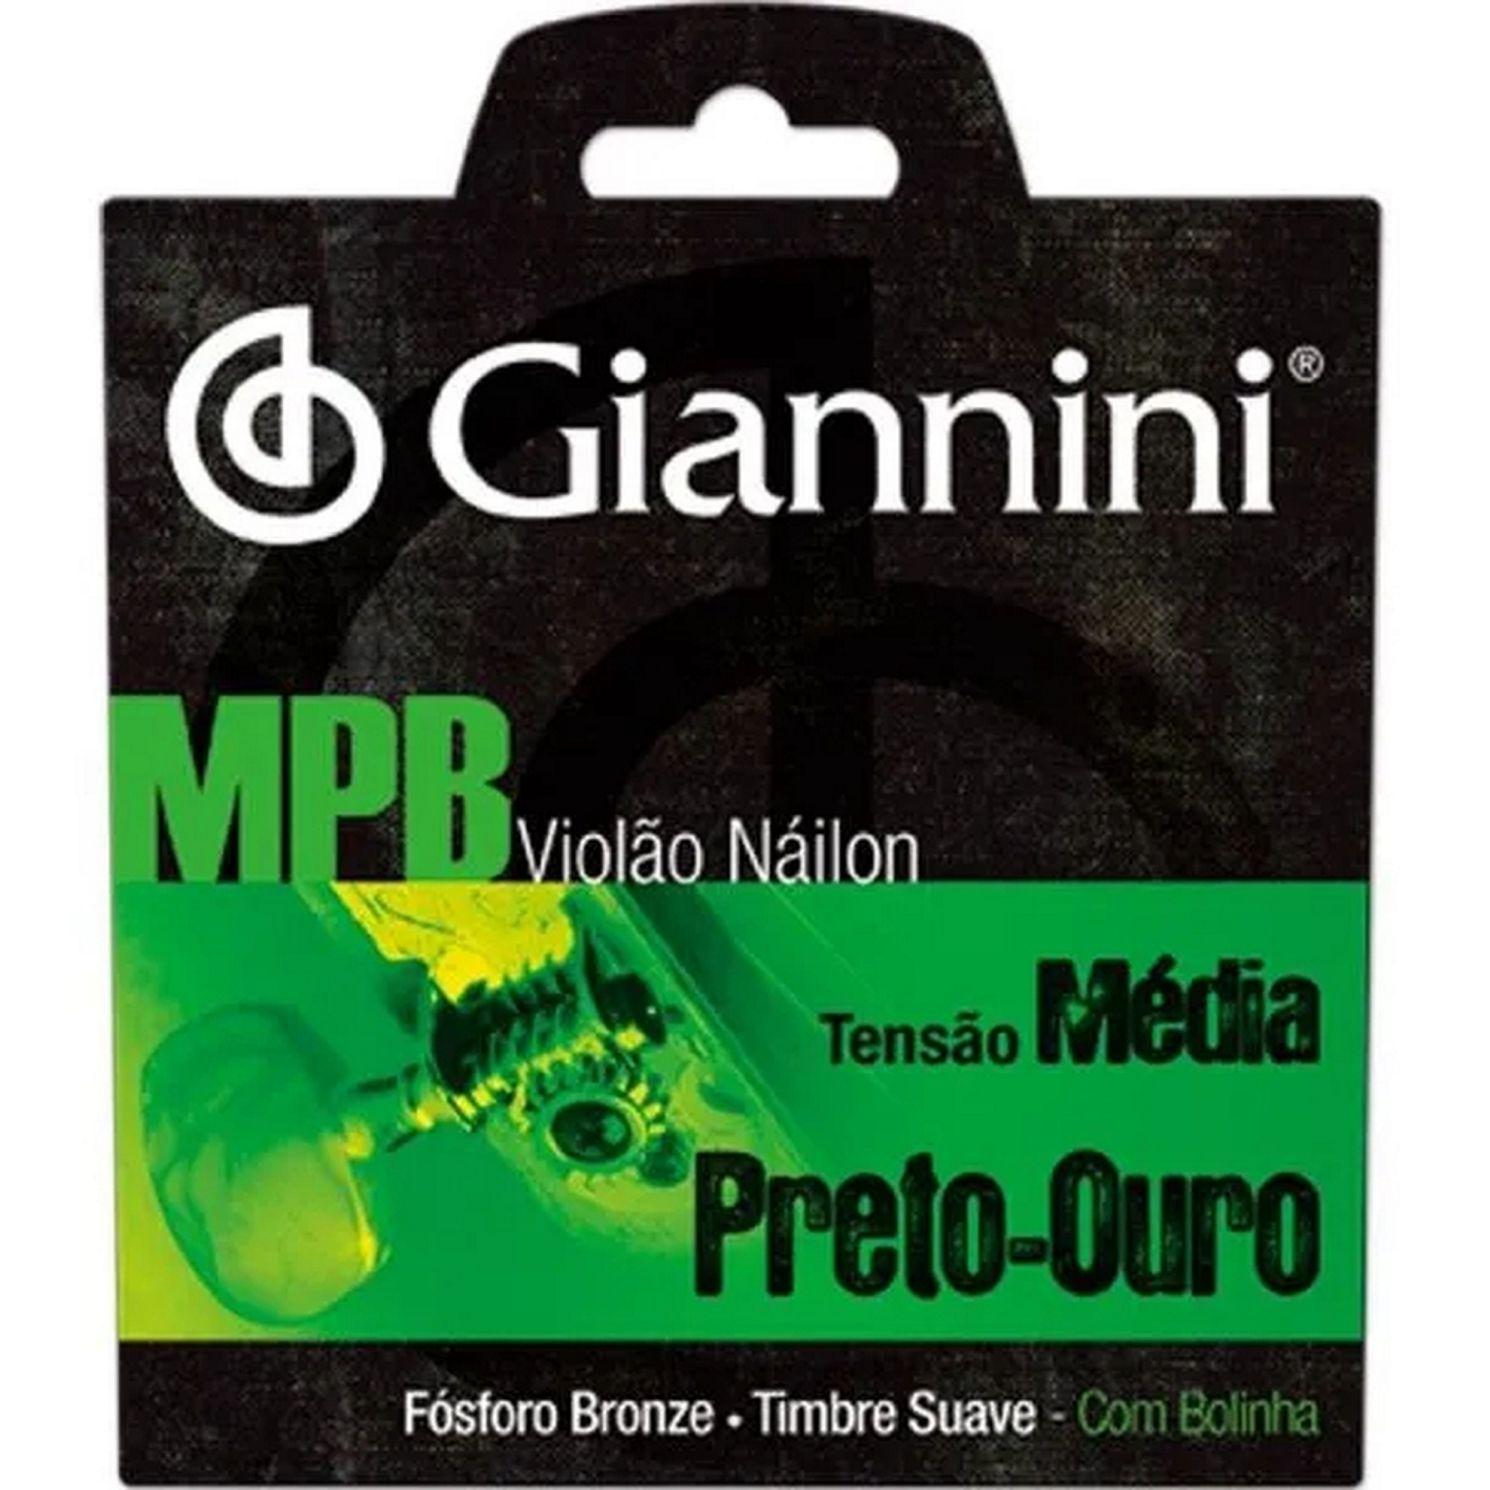 Encordoamento Giannini MPB Fósforo Bronze Violão NYLON Tensão Média Preto Ouro